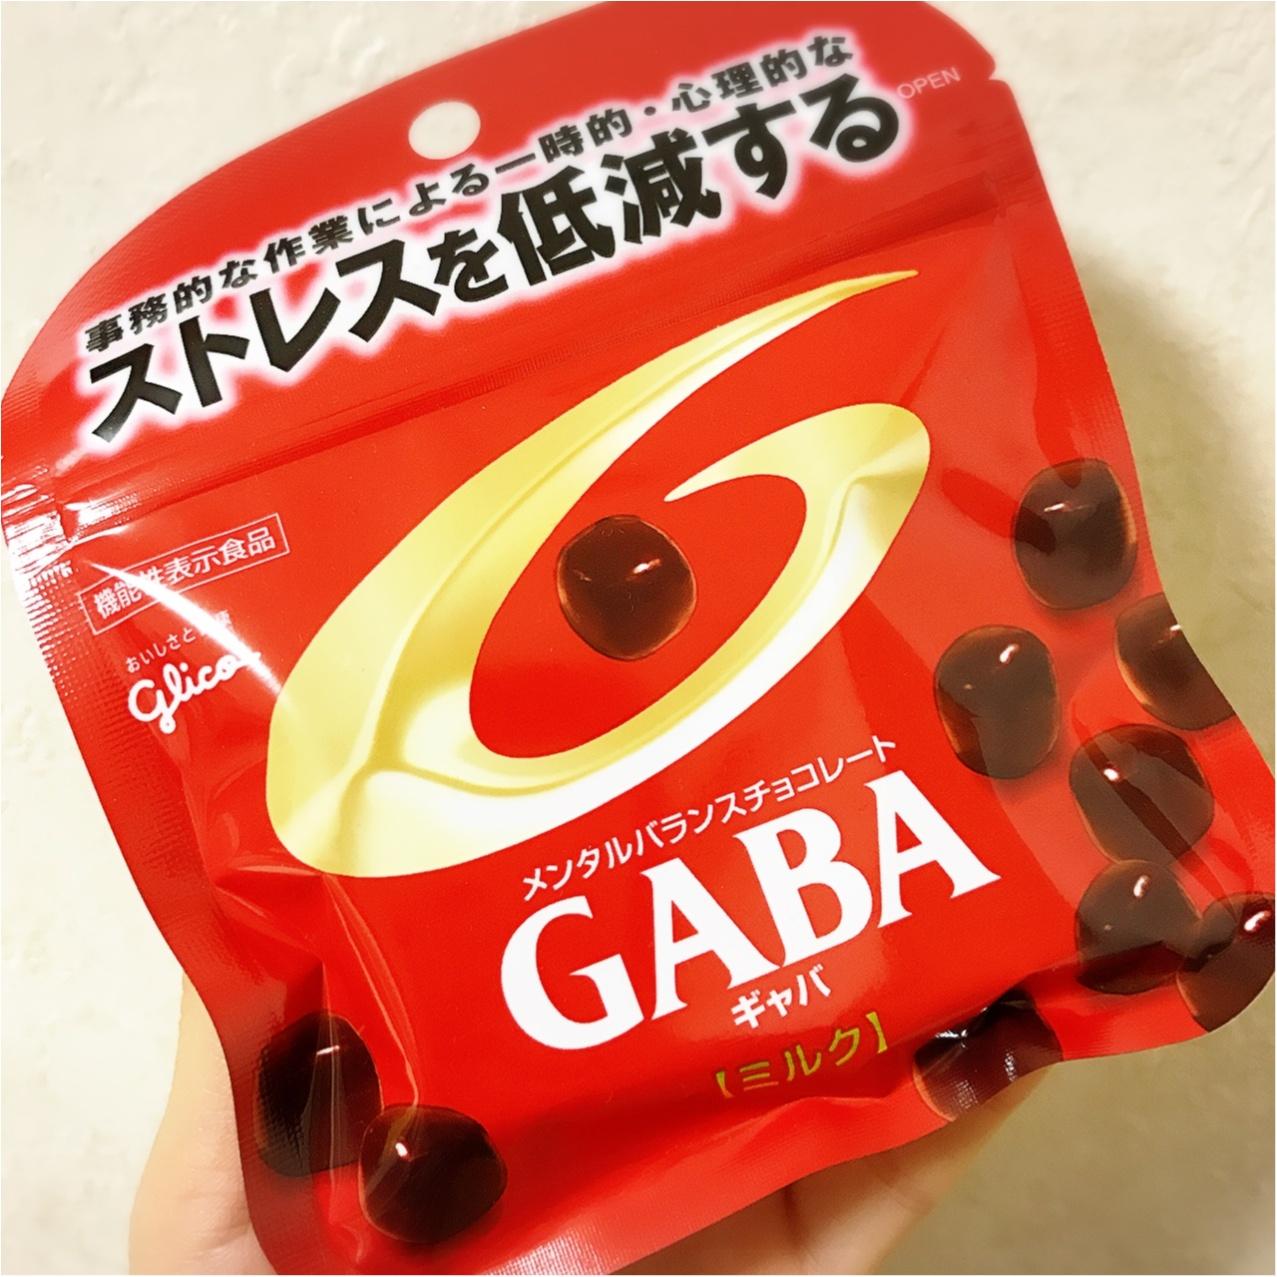 コンビニで買えるチョコレートで【ストレス解消】しませんか?_1